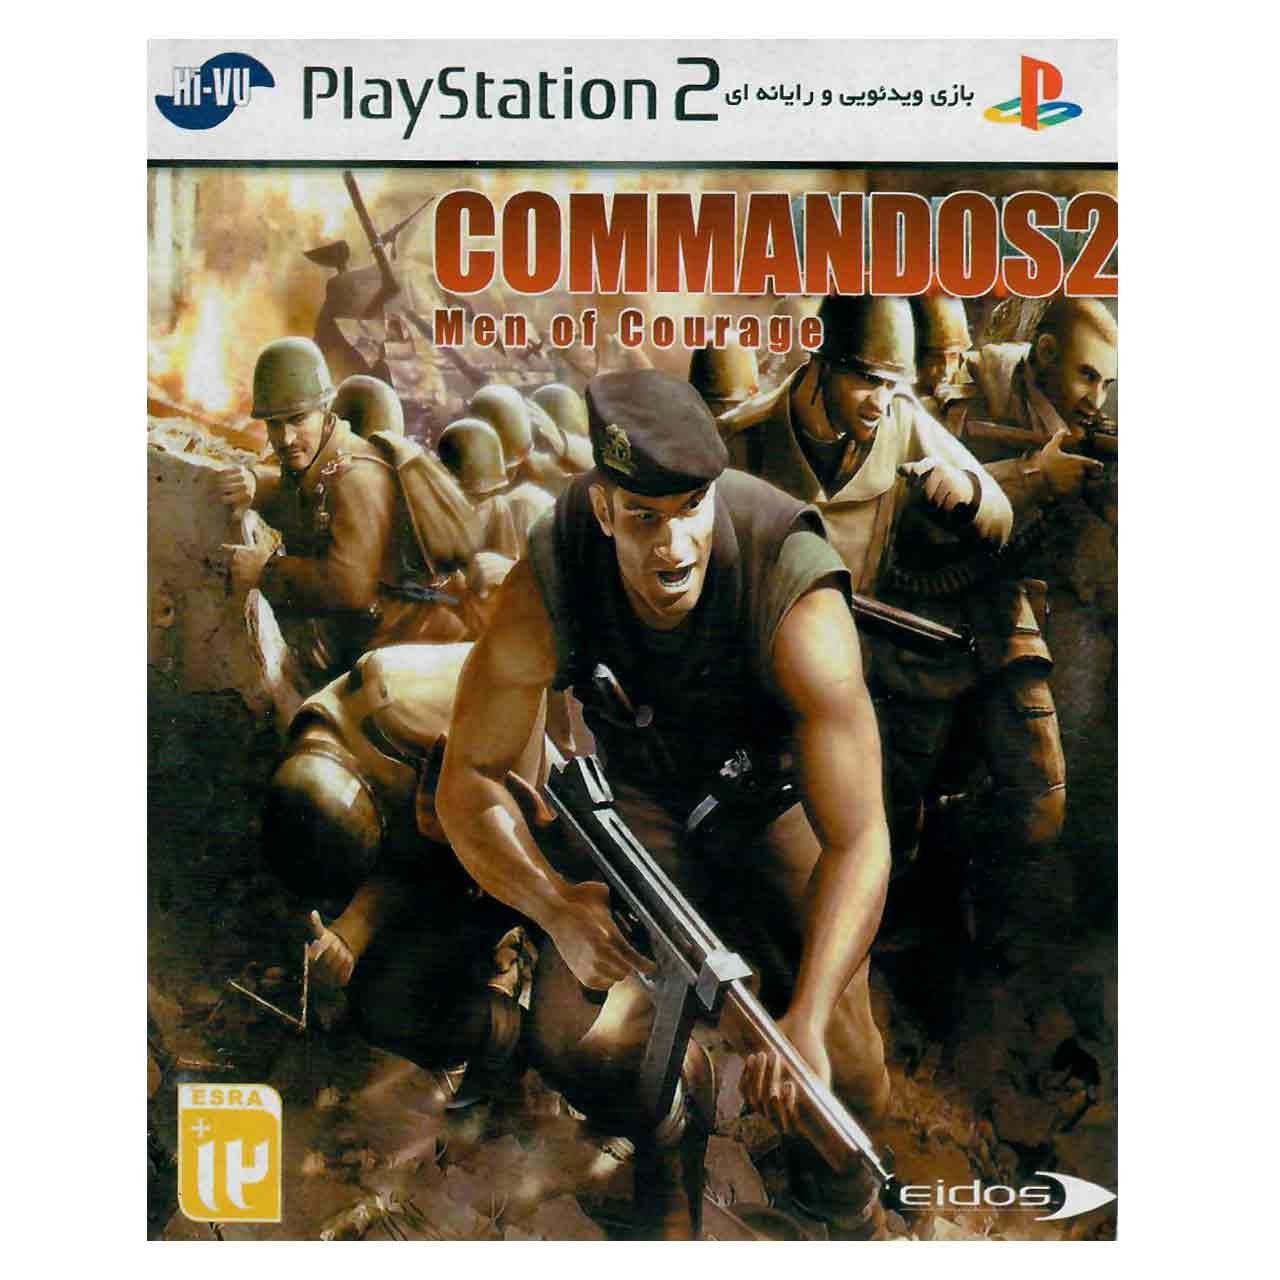 خرید اینترنتی بازی Commandos2 مخصوص PS2 اورجینال